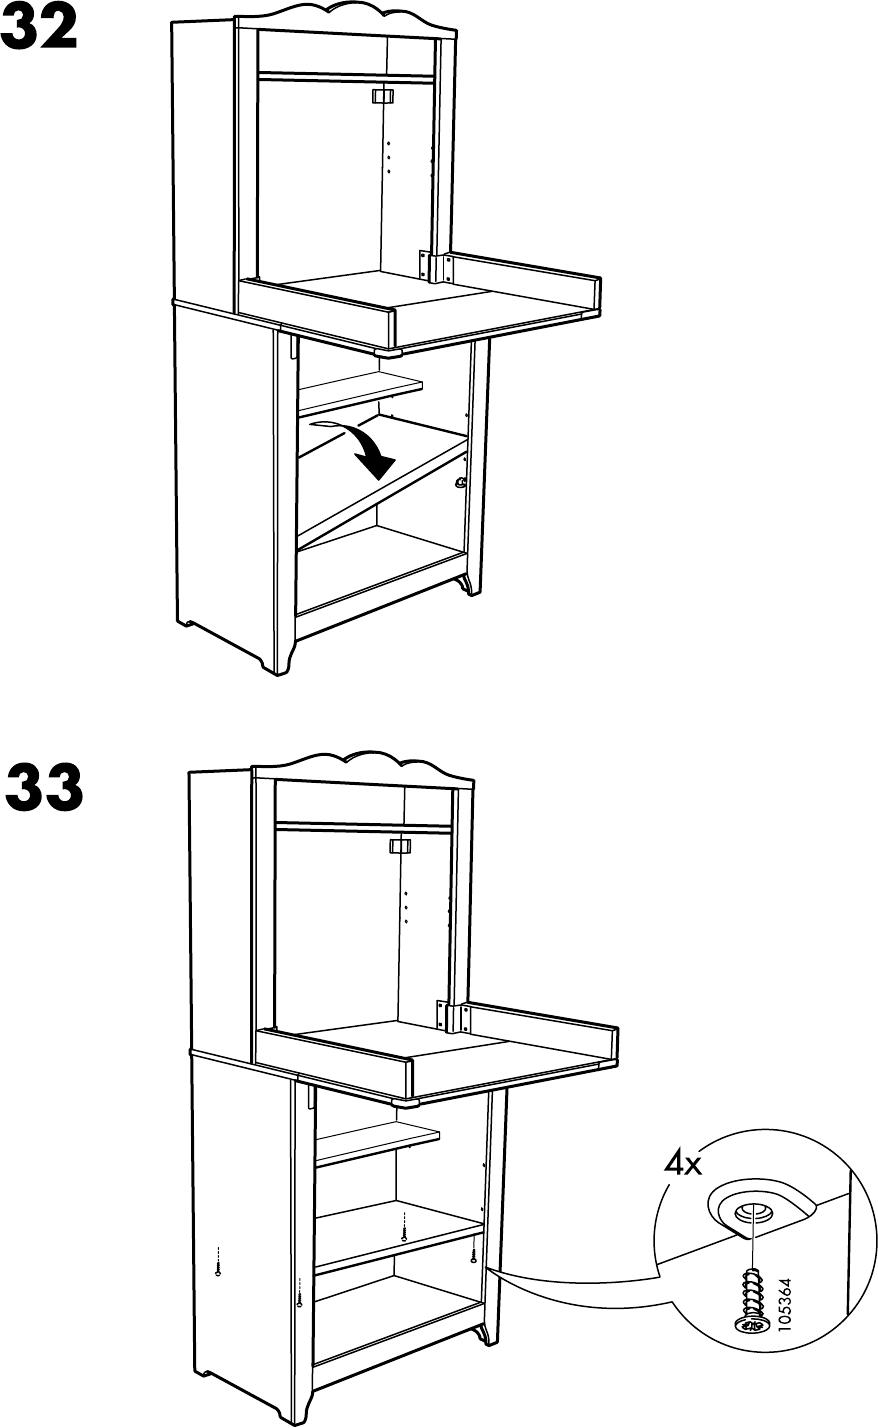 Handleiding Ikea Hensvik Kast Open 75x161 Cm Pagina 32 Van